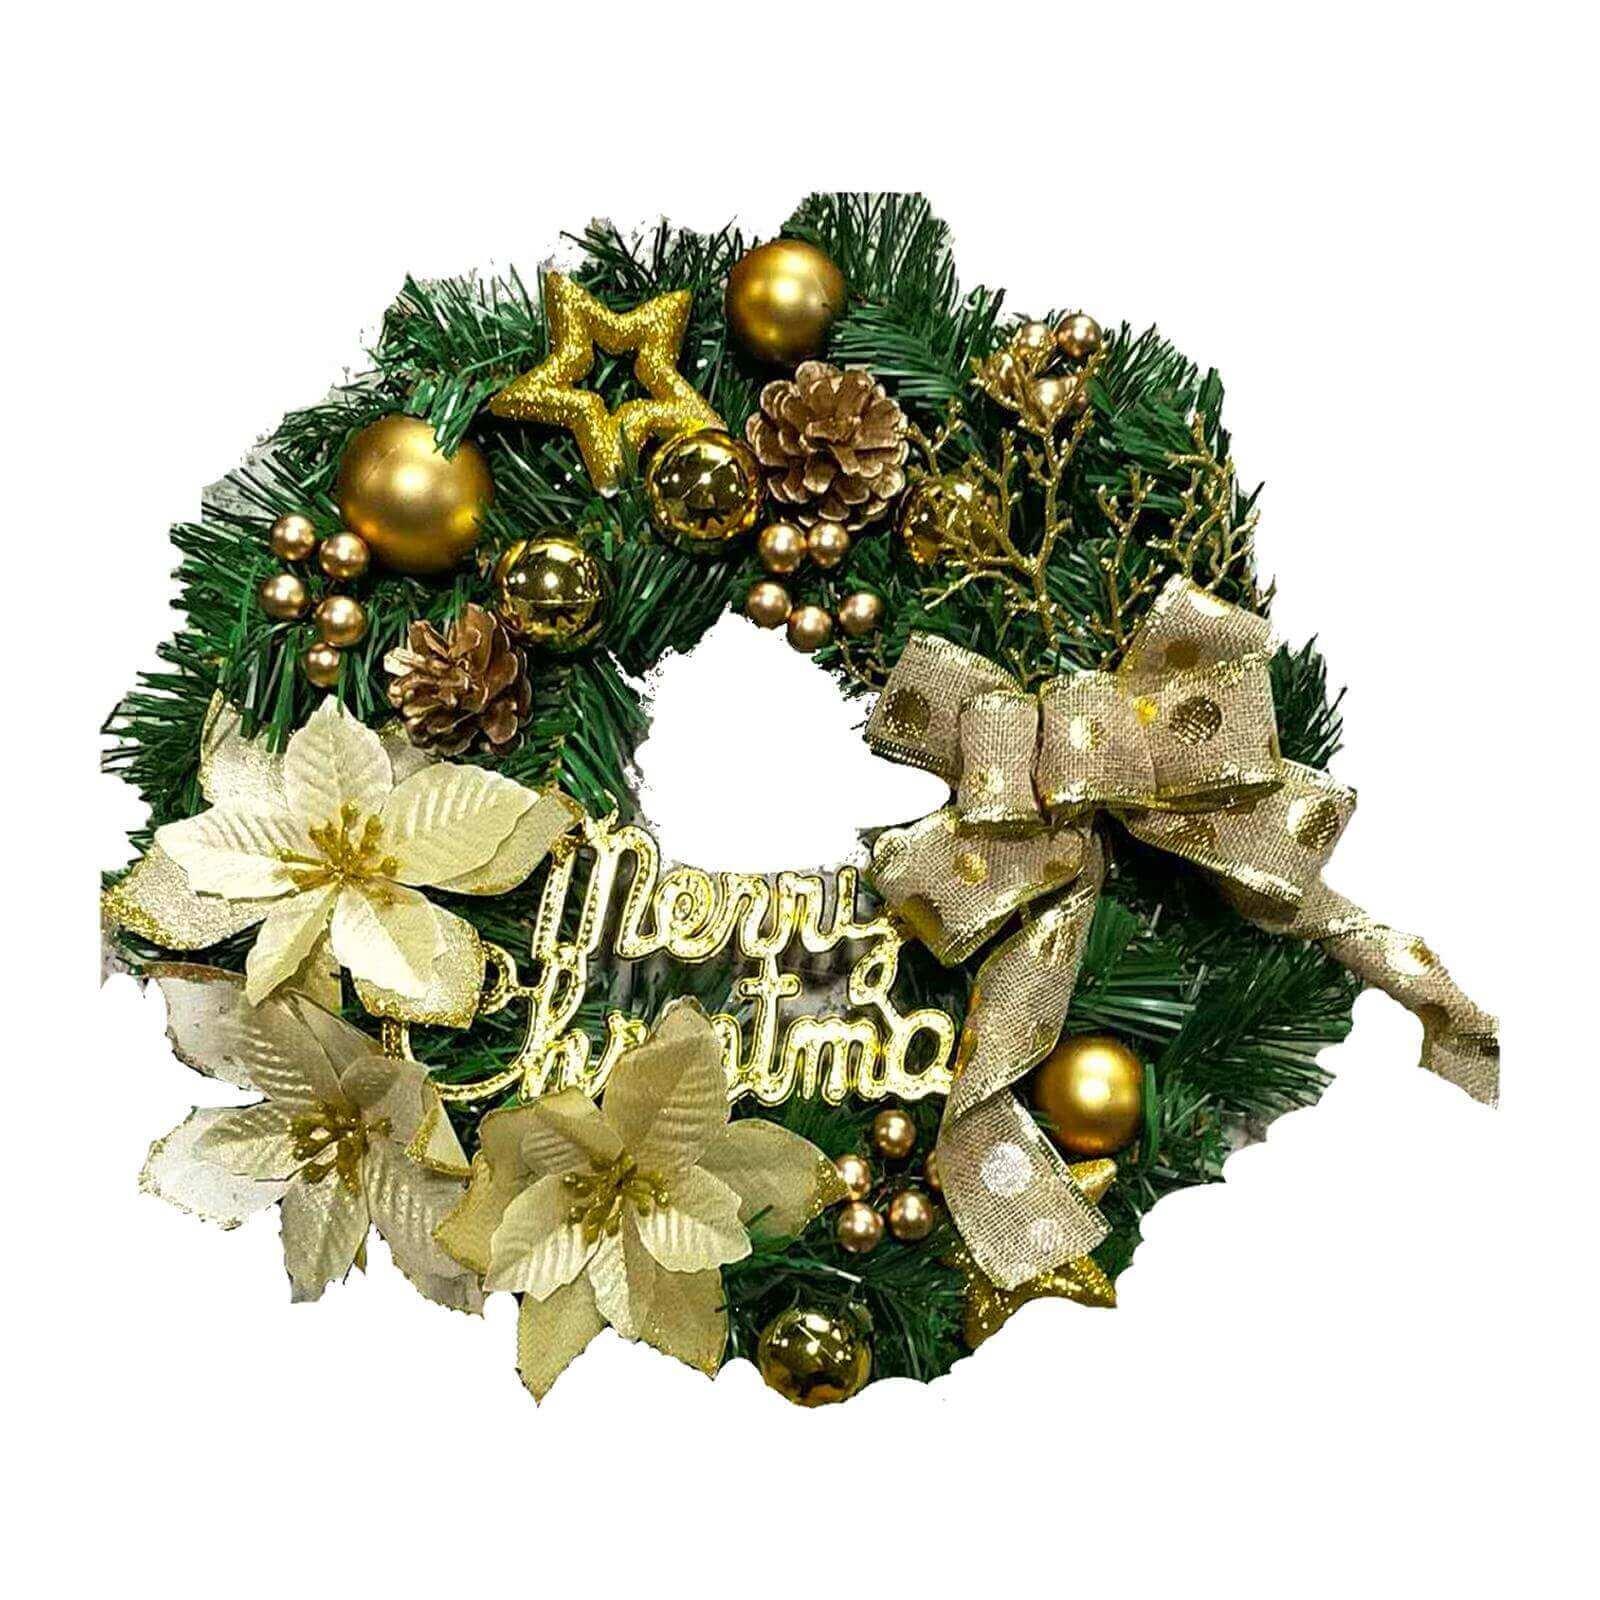 Christmas Giveaway Wreath.jpg